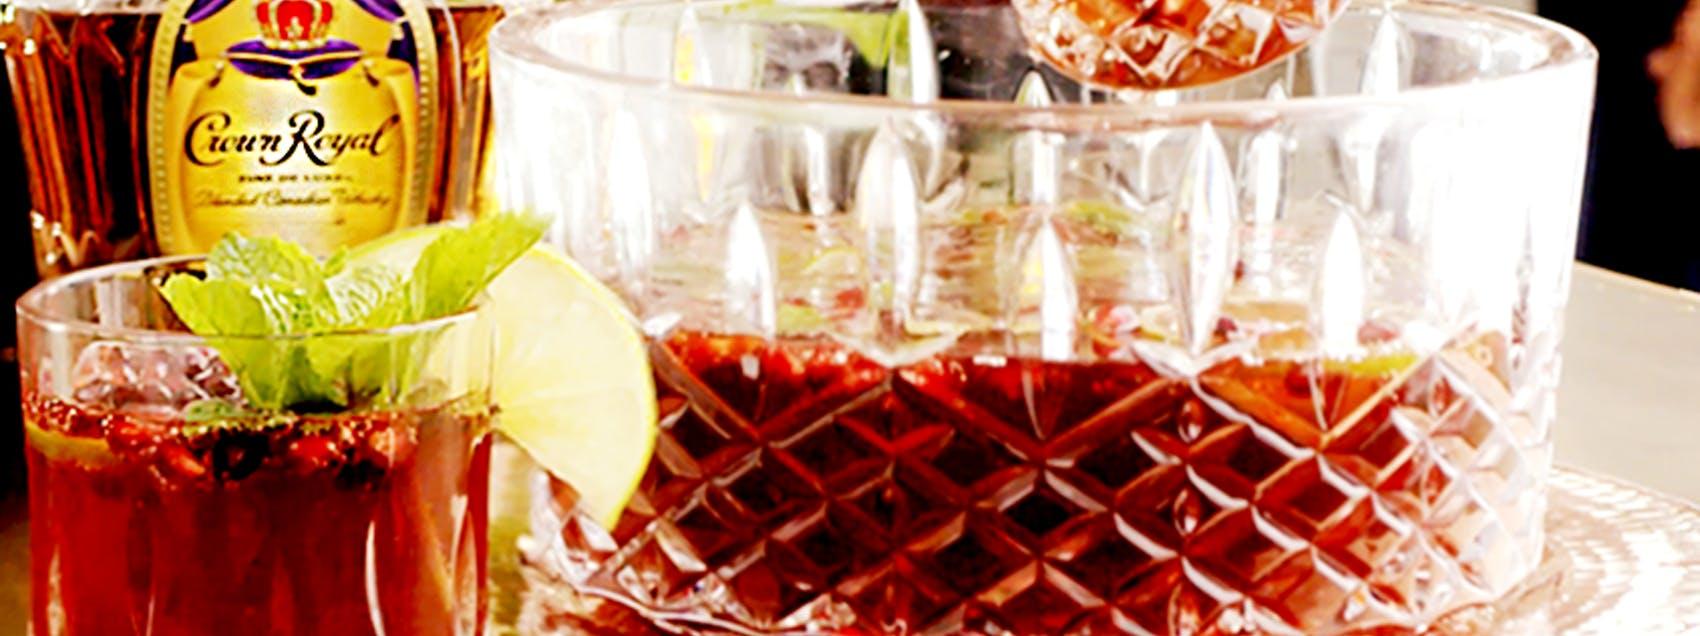 Pomegranate Blitz